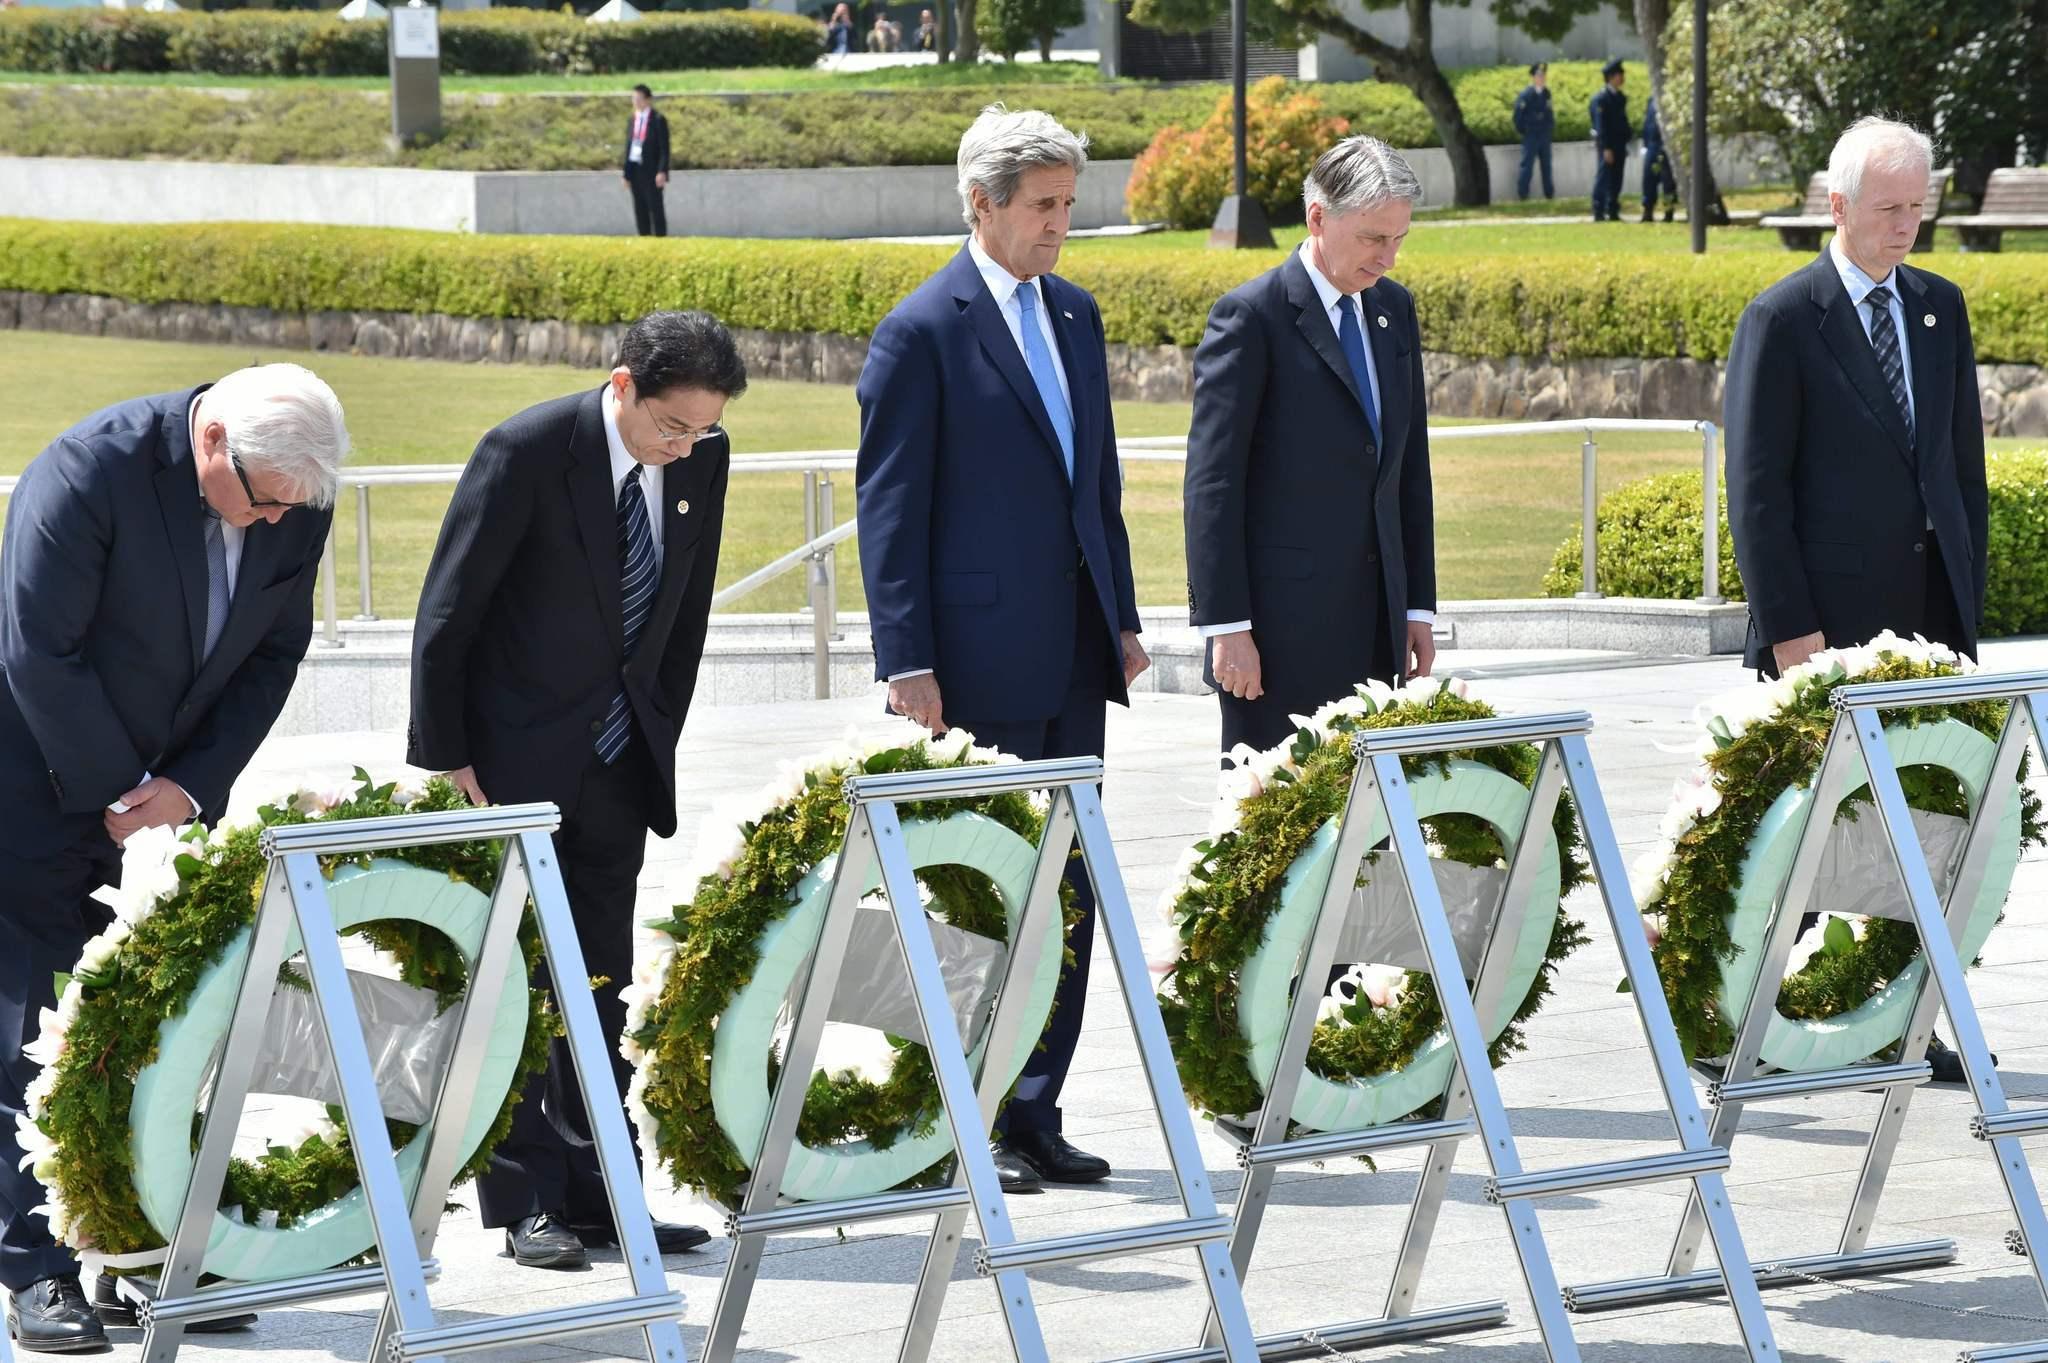 Kerry visits Hiroshima memorial 7 decades after A-bomb